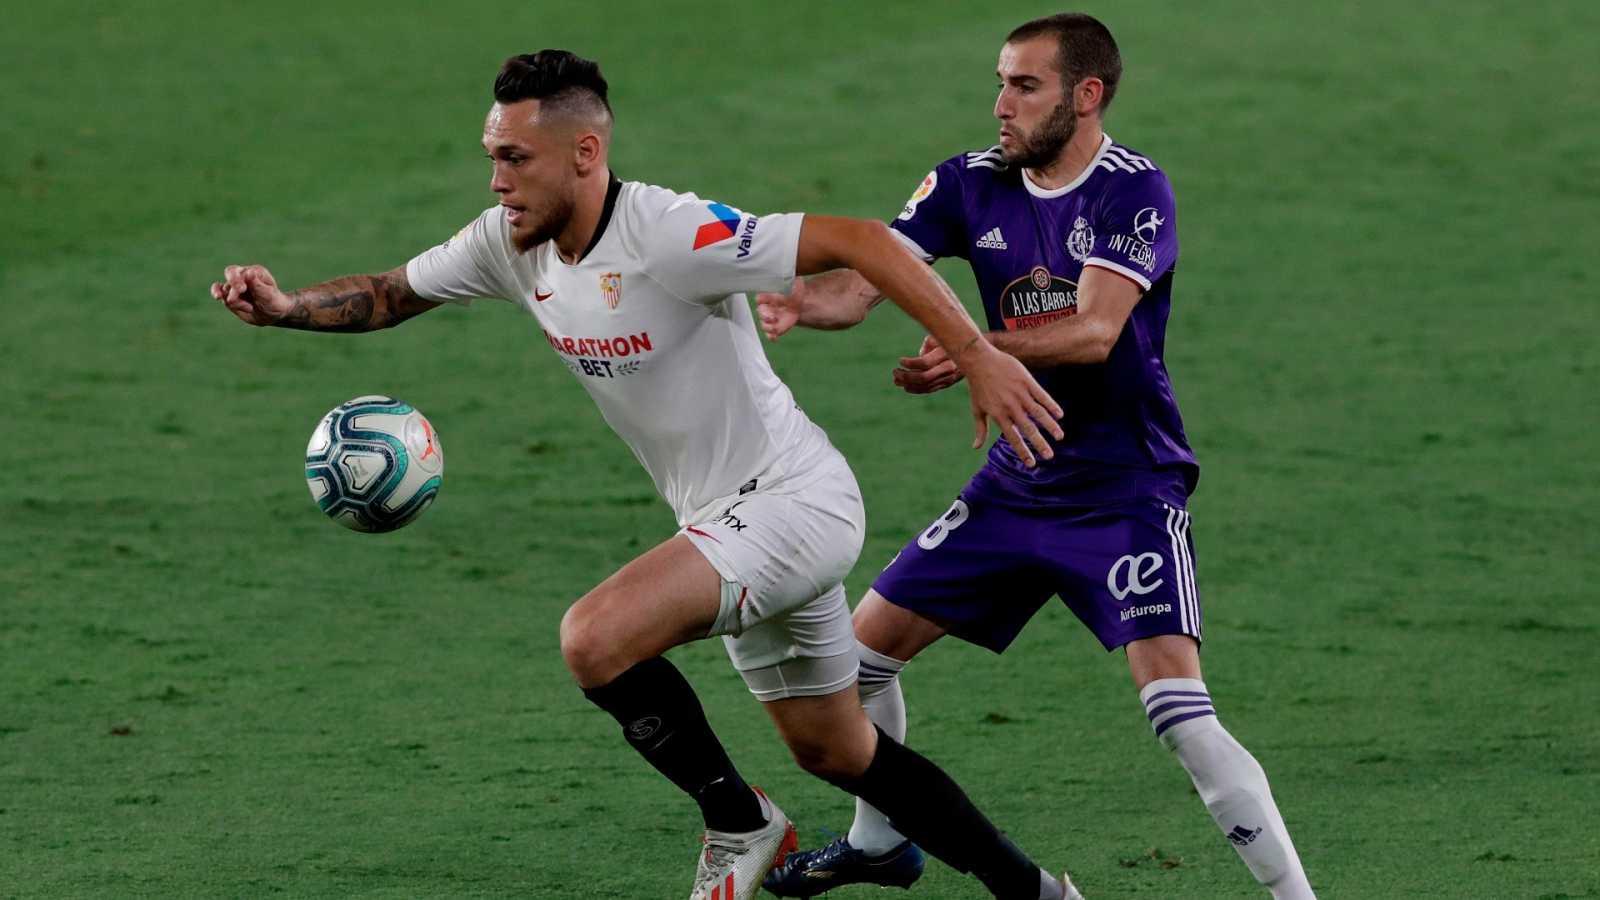 """El delantero argentino del Sevilla FC Lucas Ocampos (i) se escapa de Antonio Jesús Regal """"Antoñito"""", del Real Valladolid"""